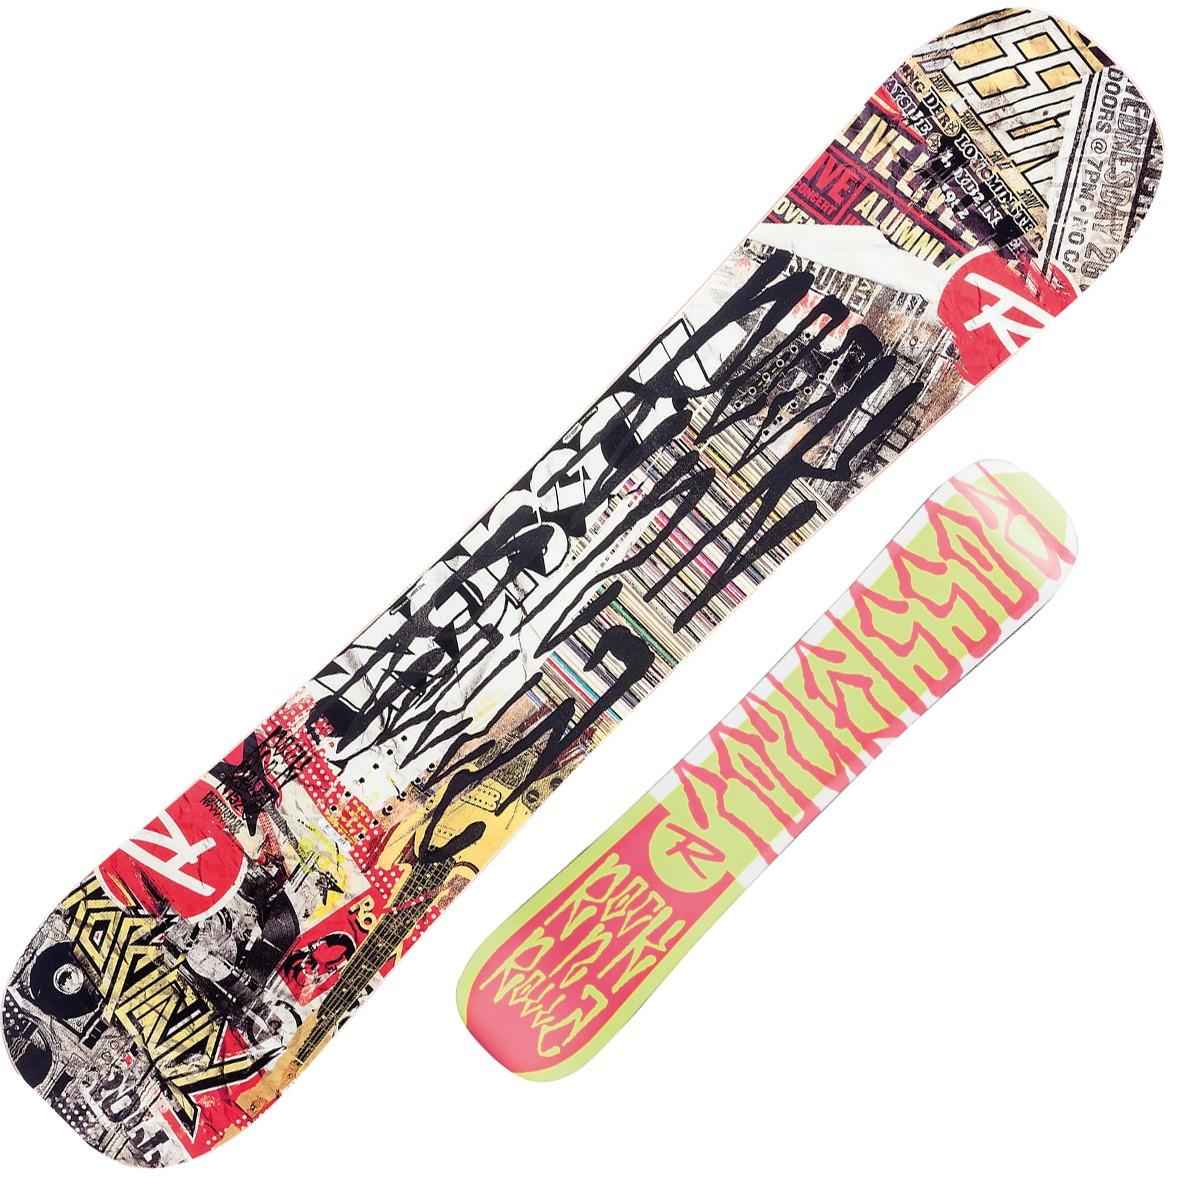 Snowboard Rocknrolla Amptek (Colore: nero-giallo, Taglia: 148)